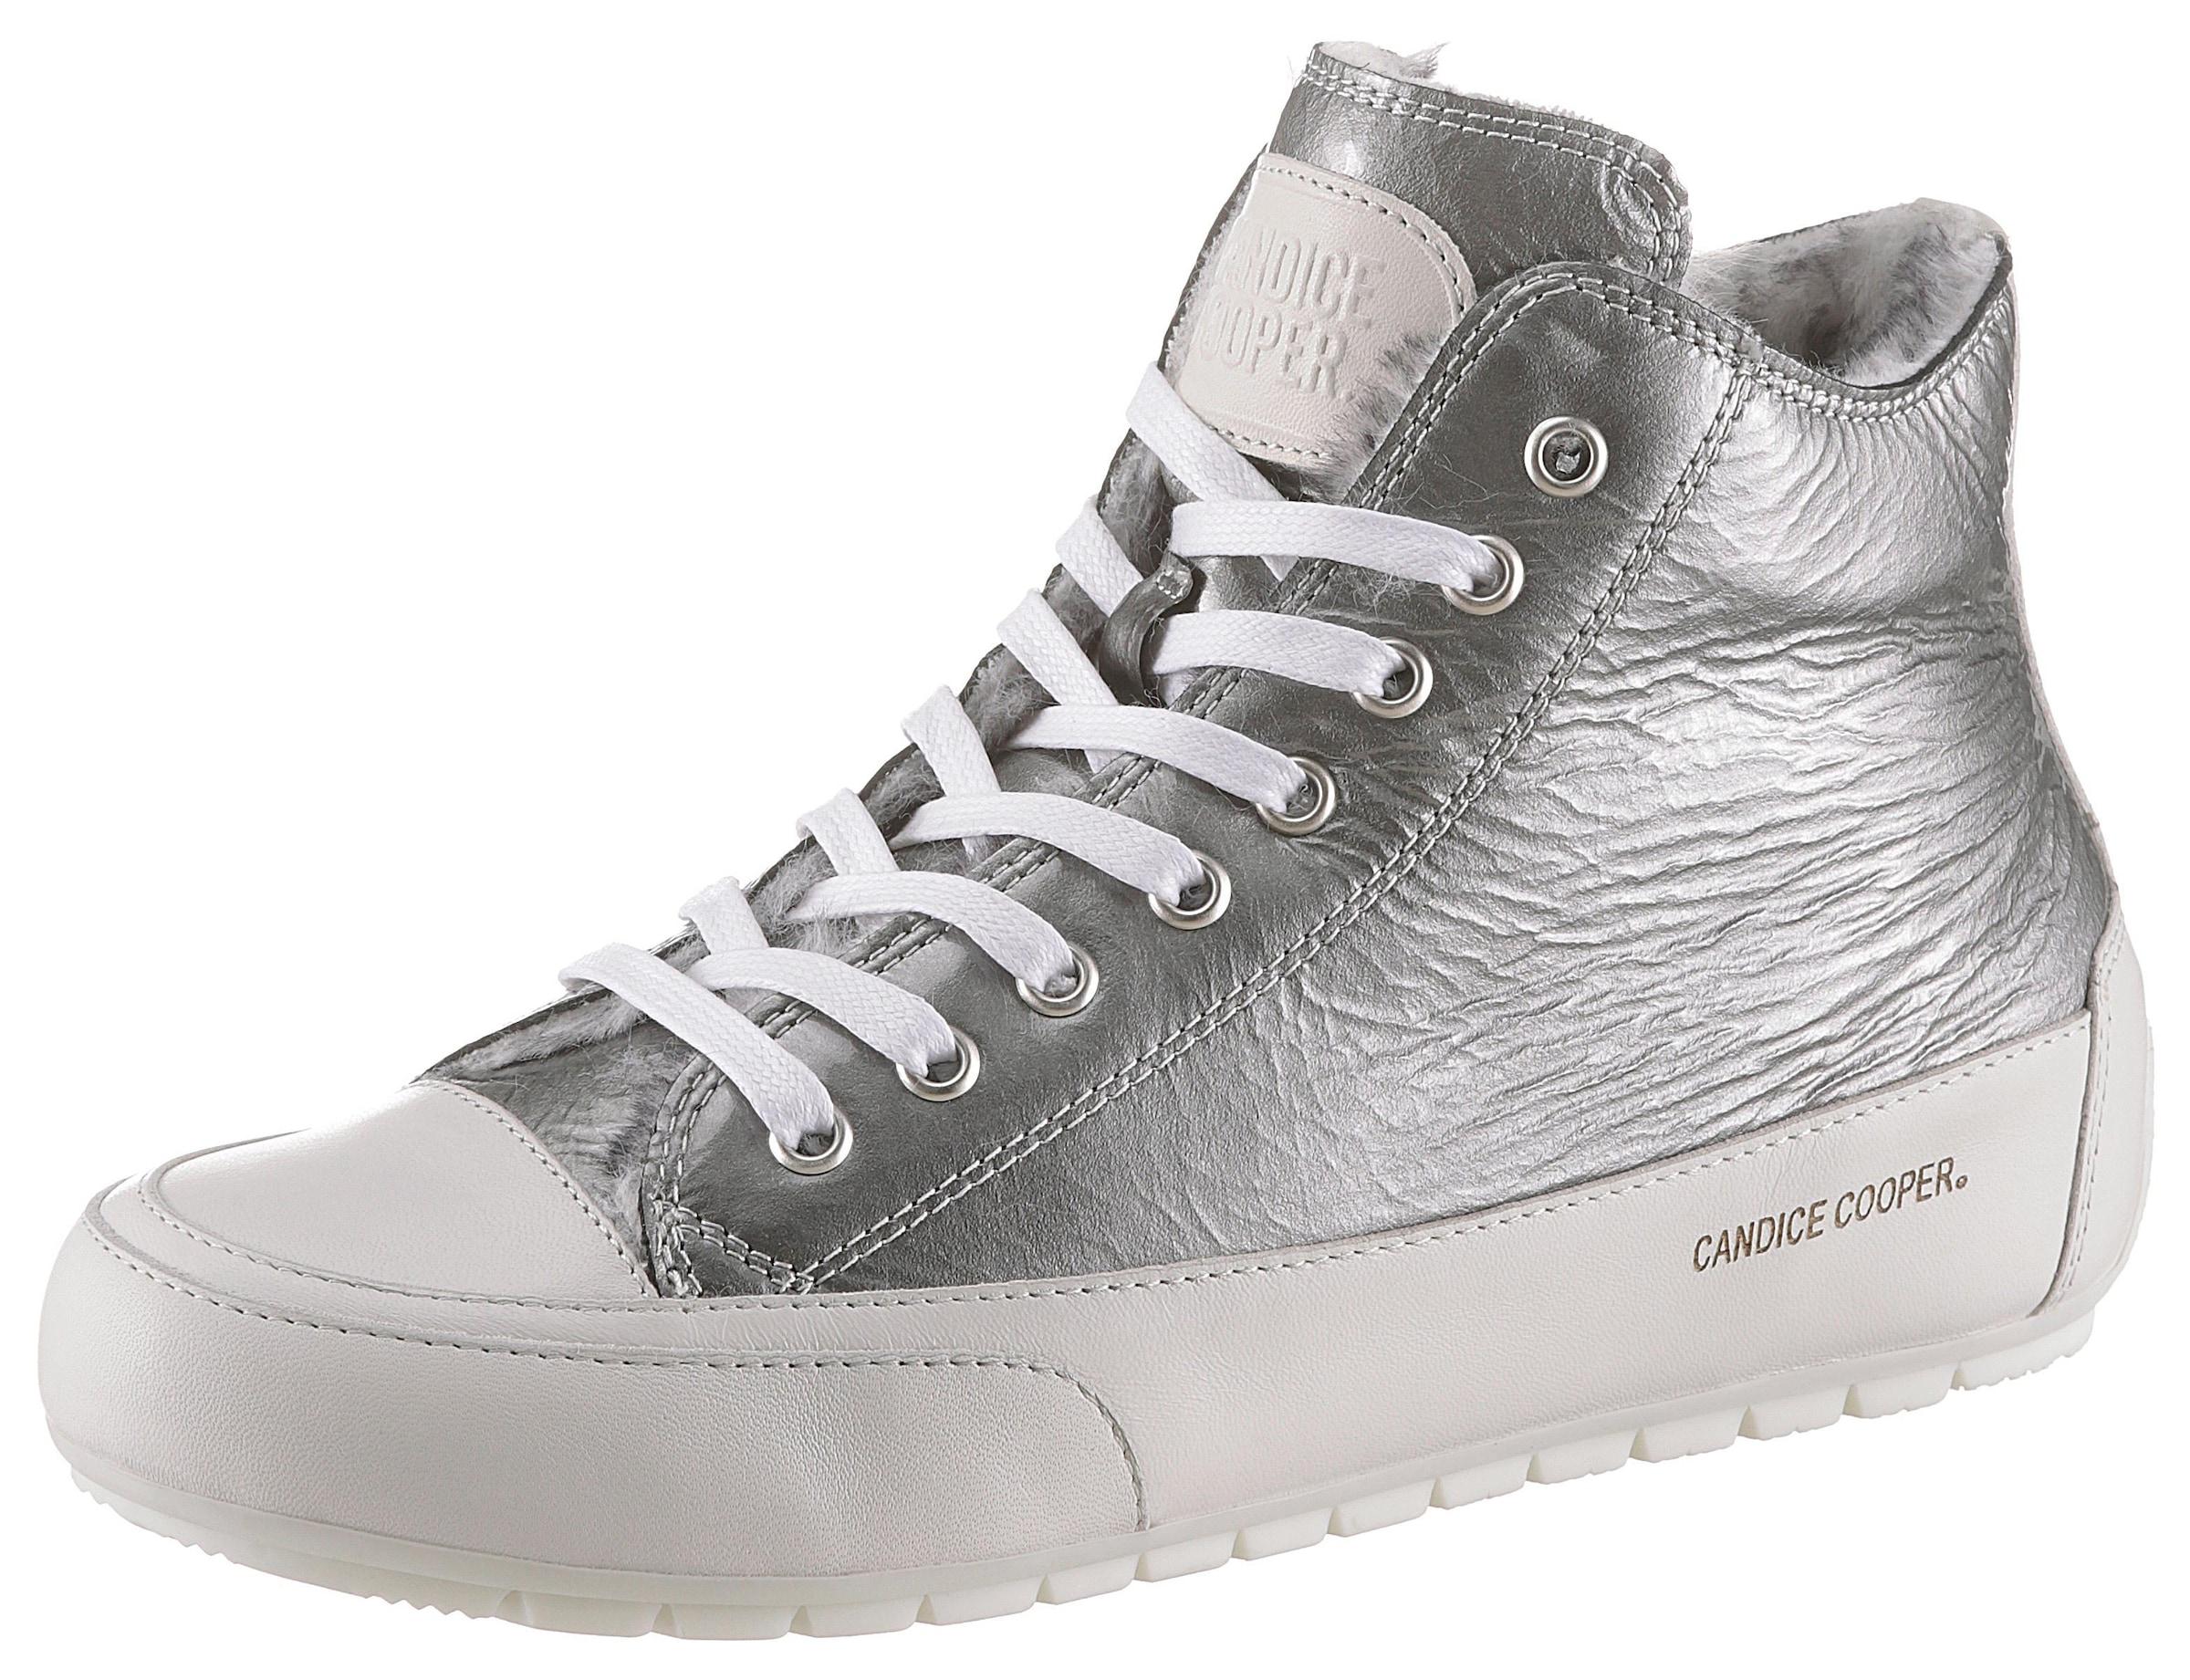 Candice Cooper Sneaker »Plus« mit Lackleder kombiniert   BAUR